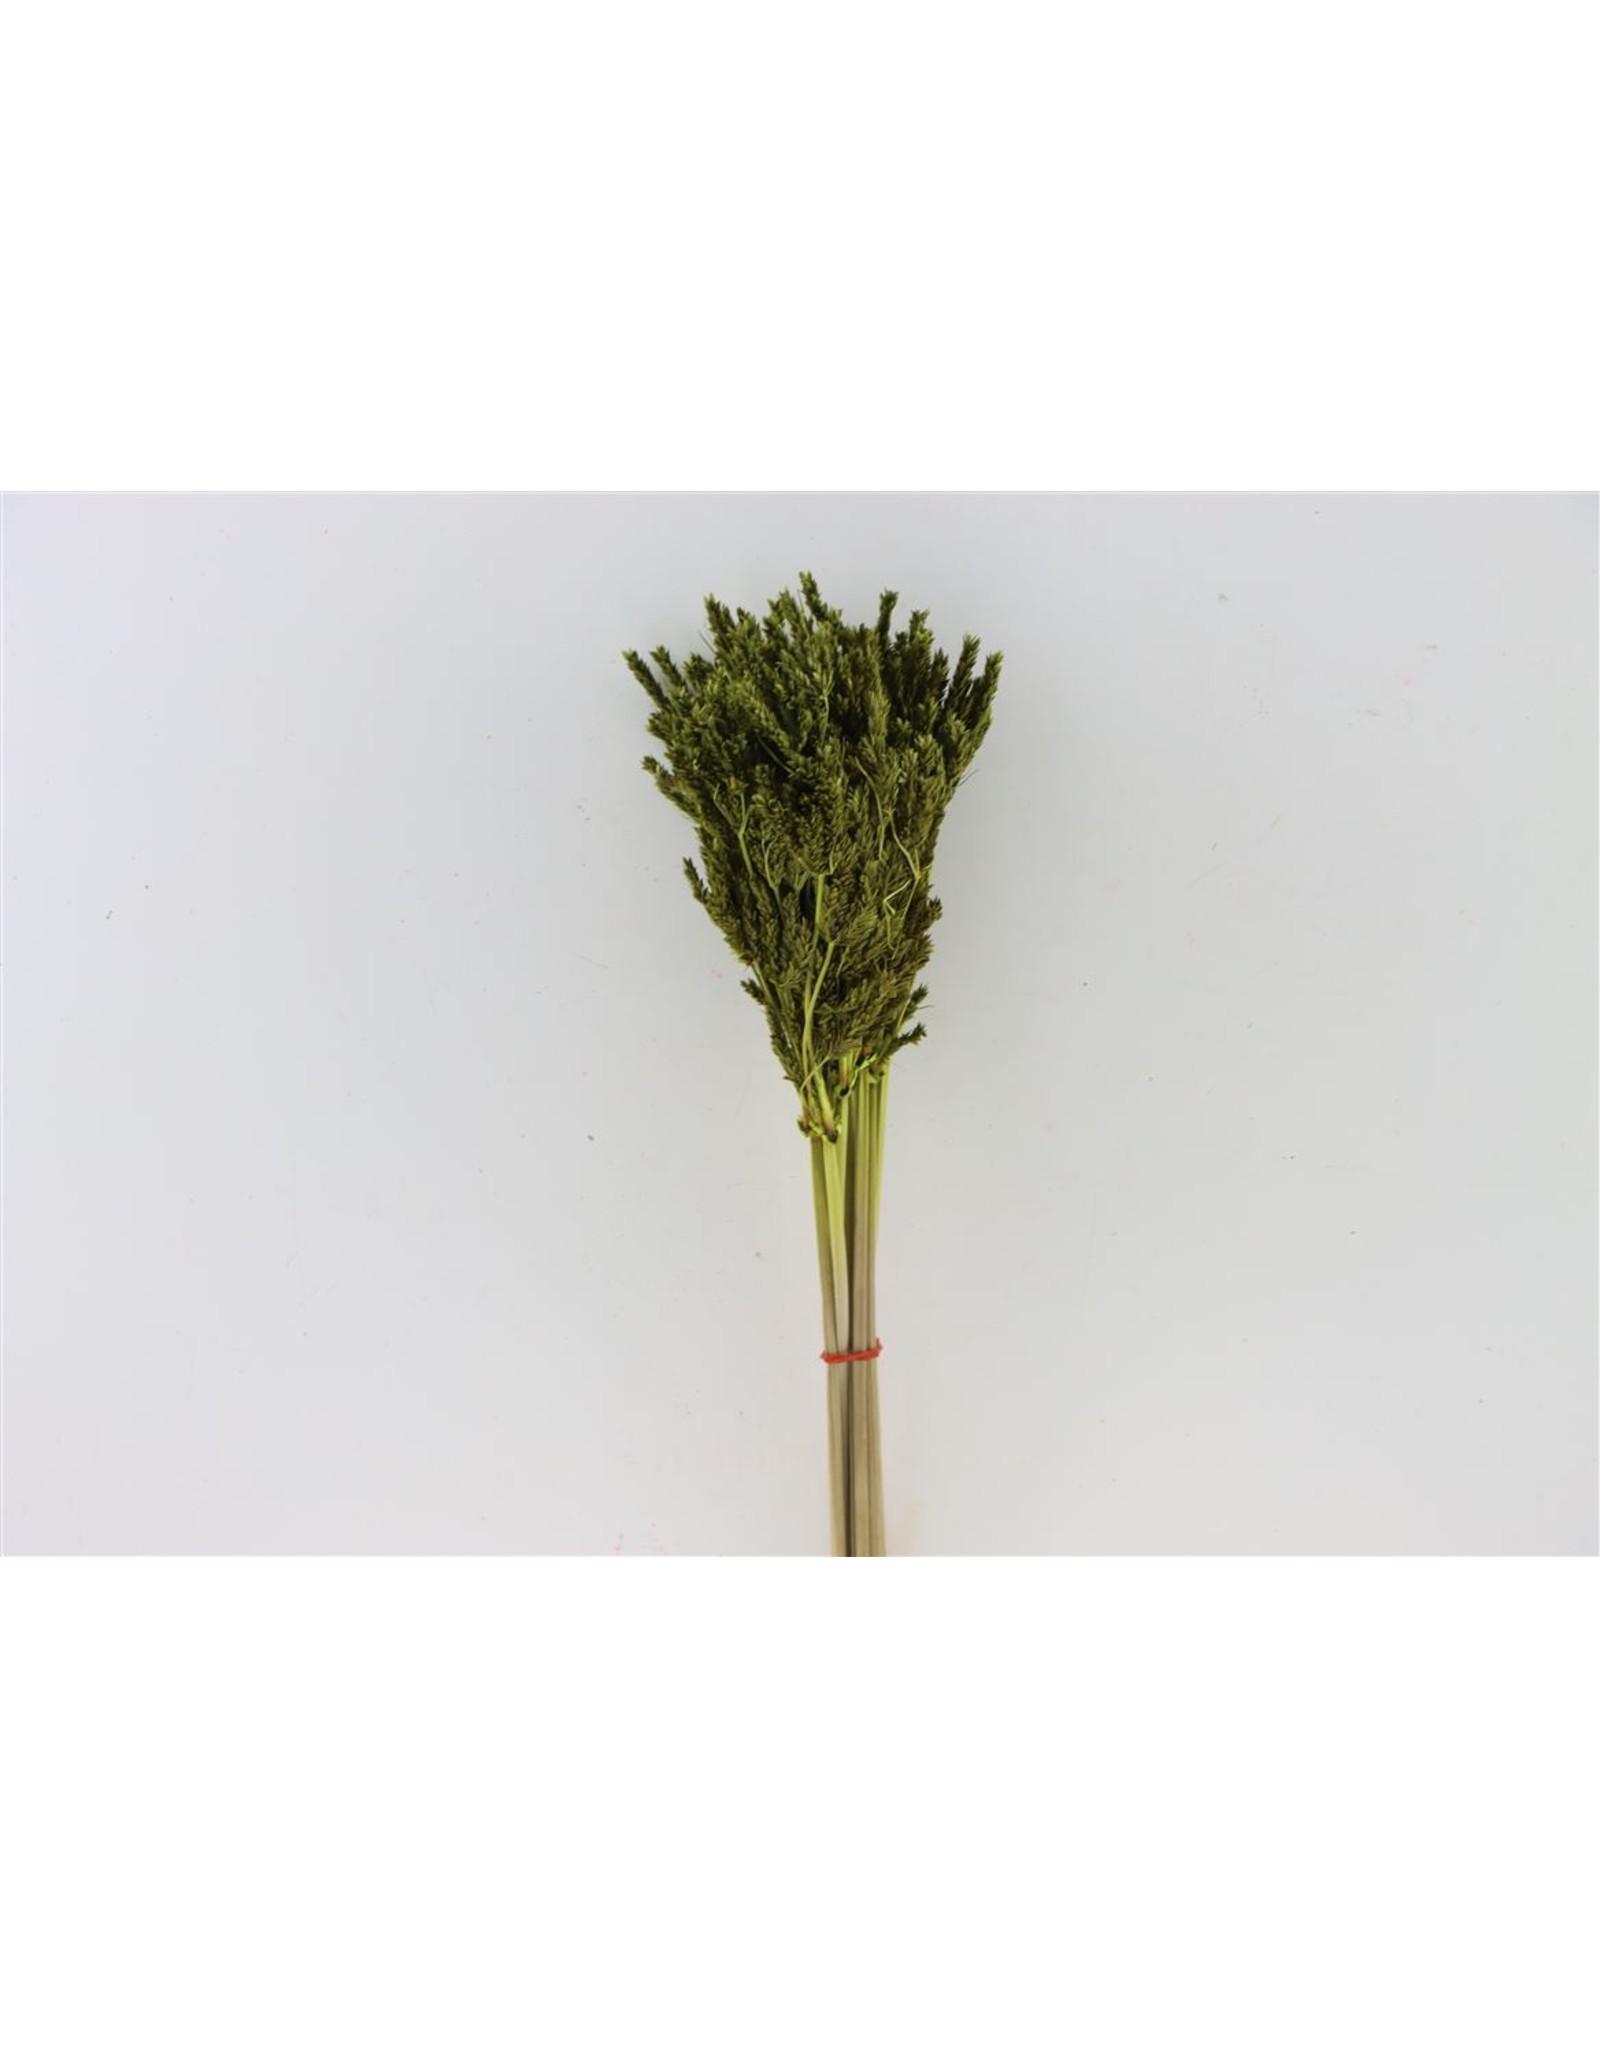 Dried Umbr. Sedge Big Leaf Green Bunch x 20